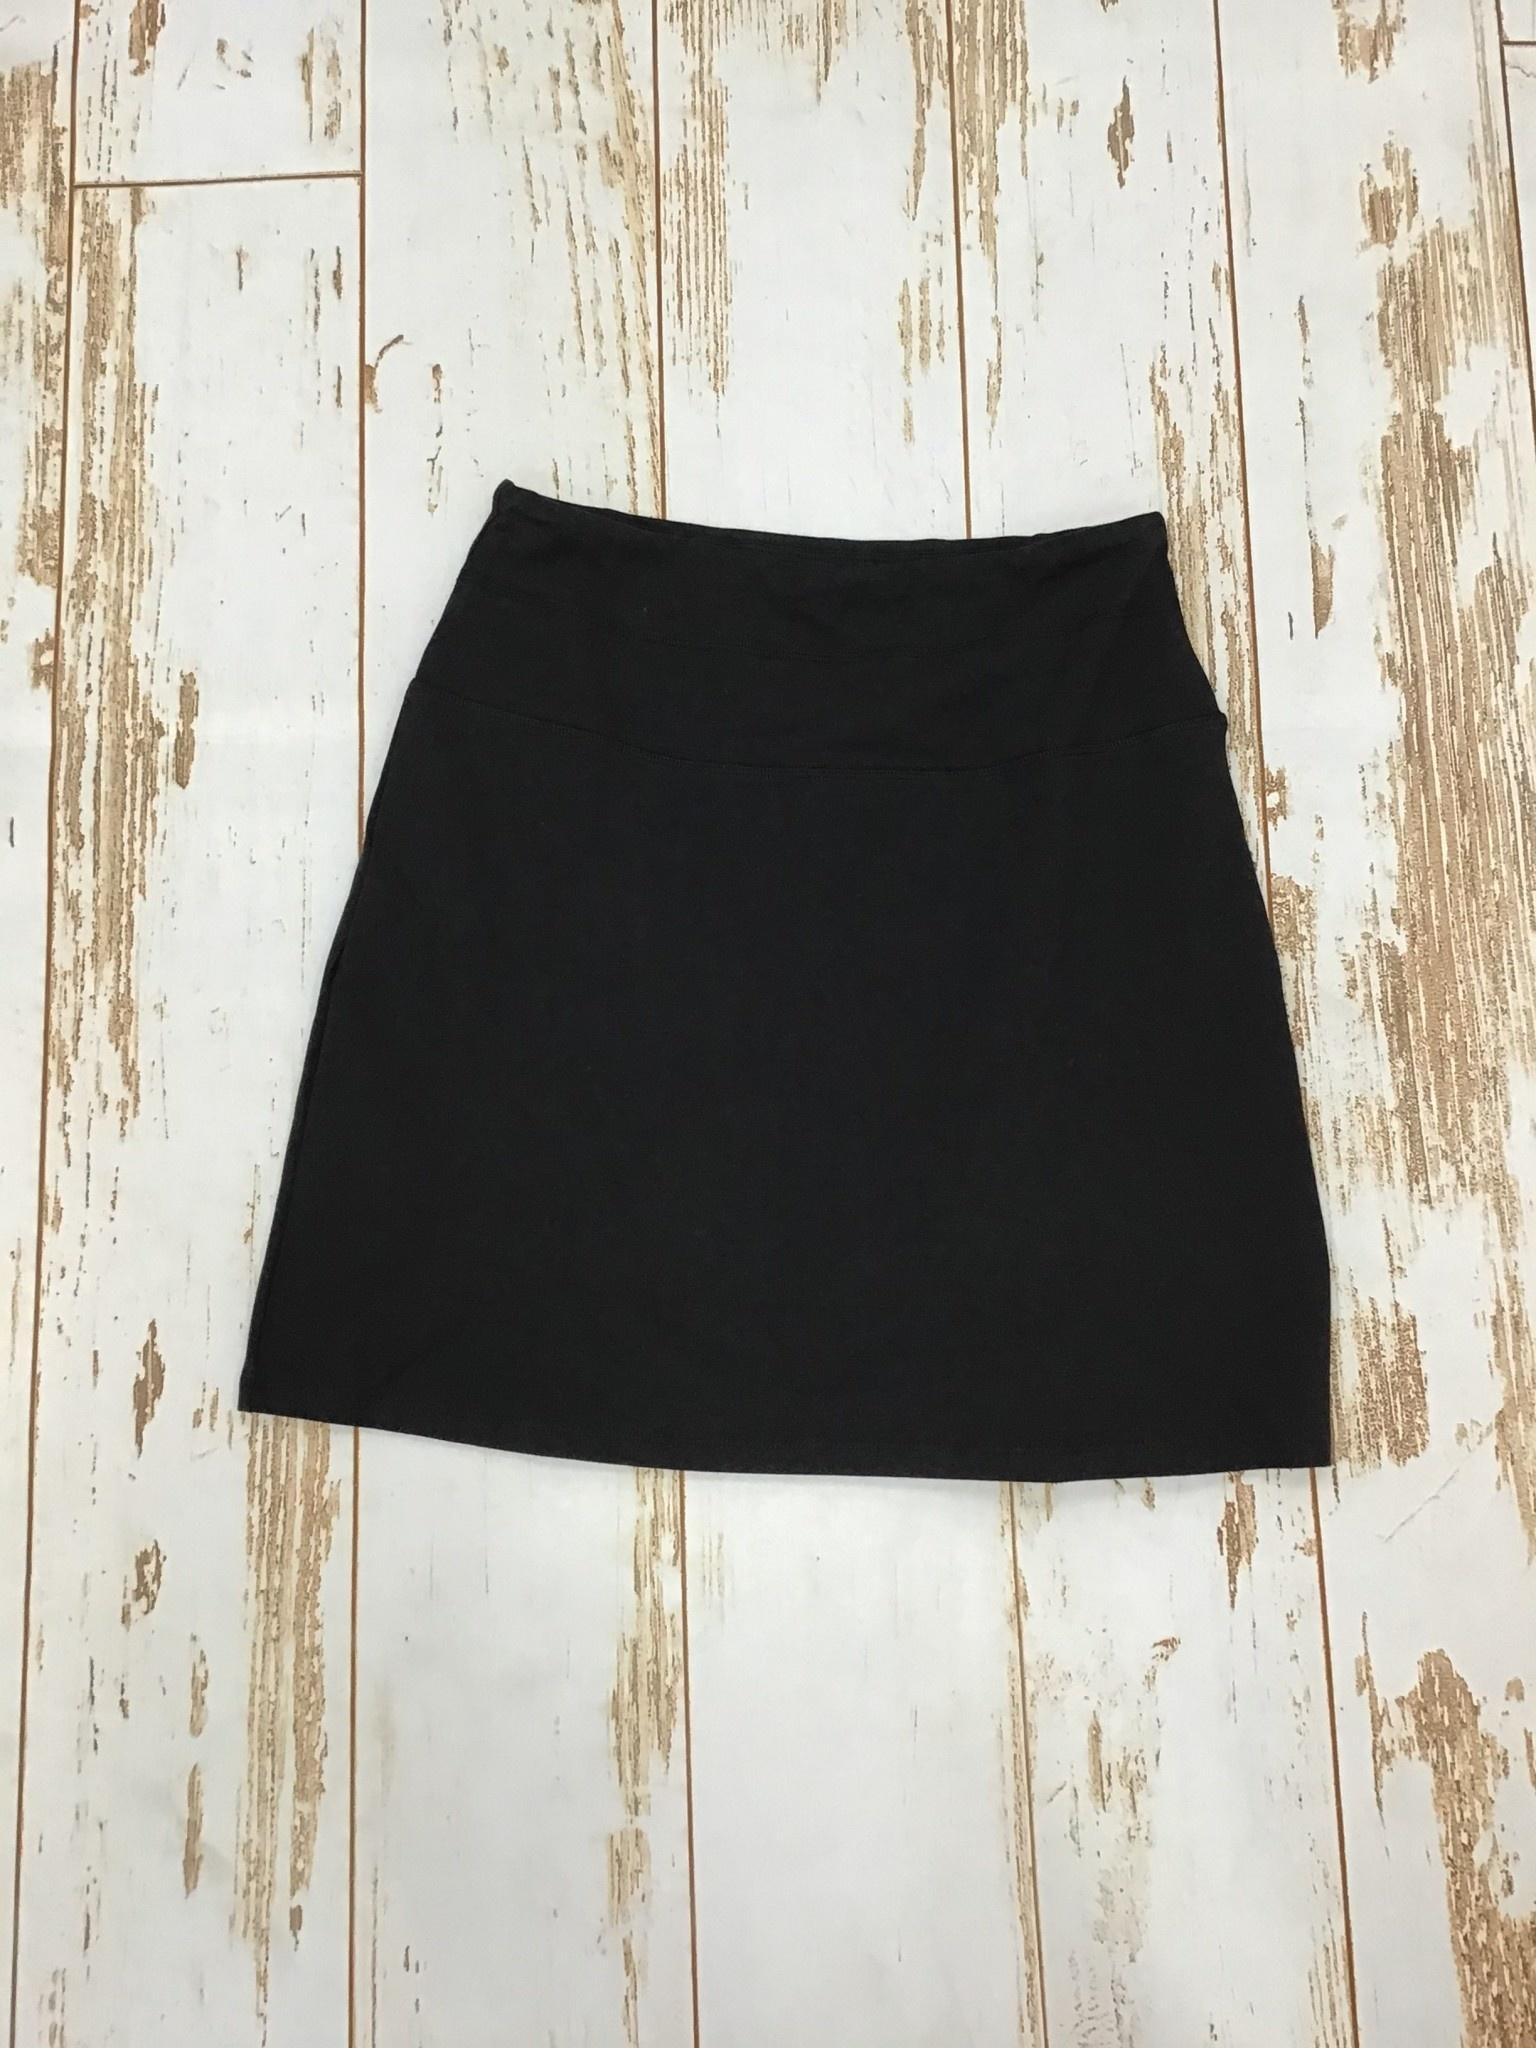 Karissa & Me Cotton Stretch Skort in Black